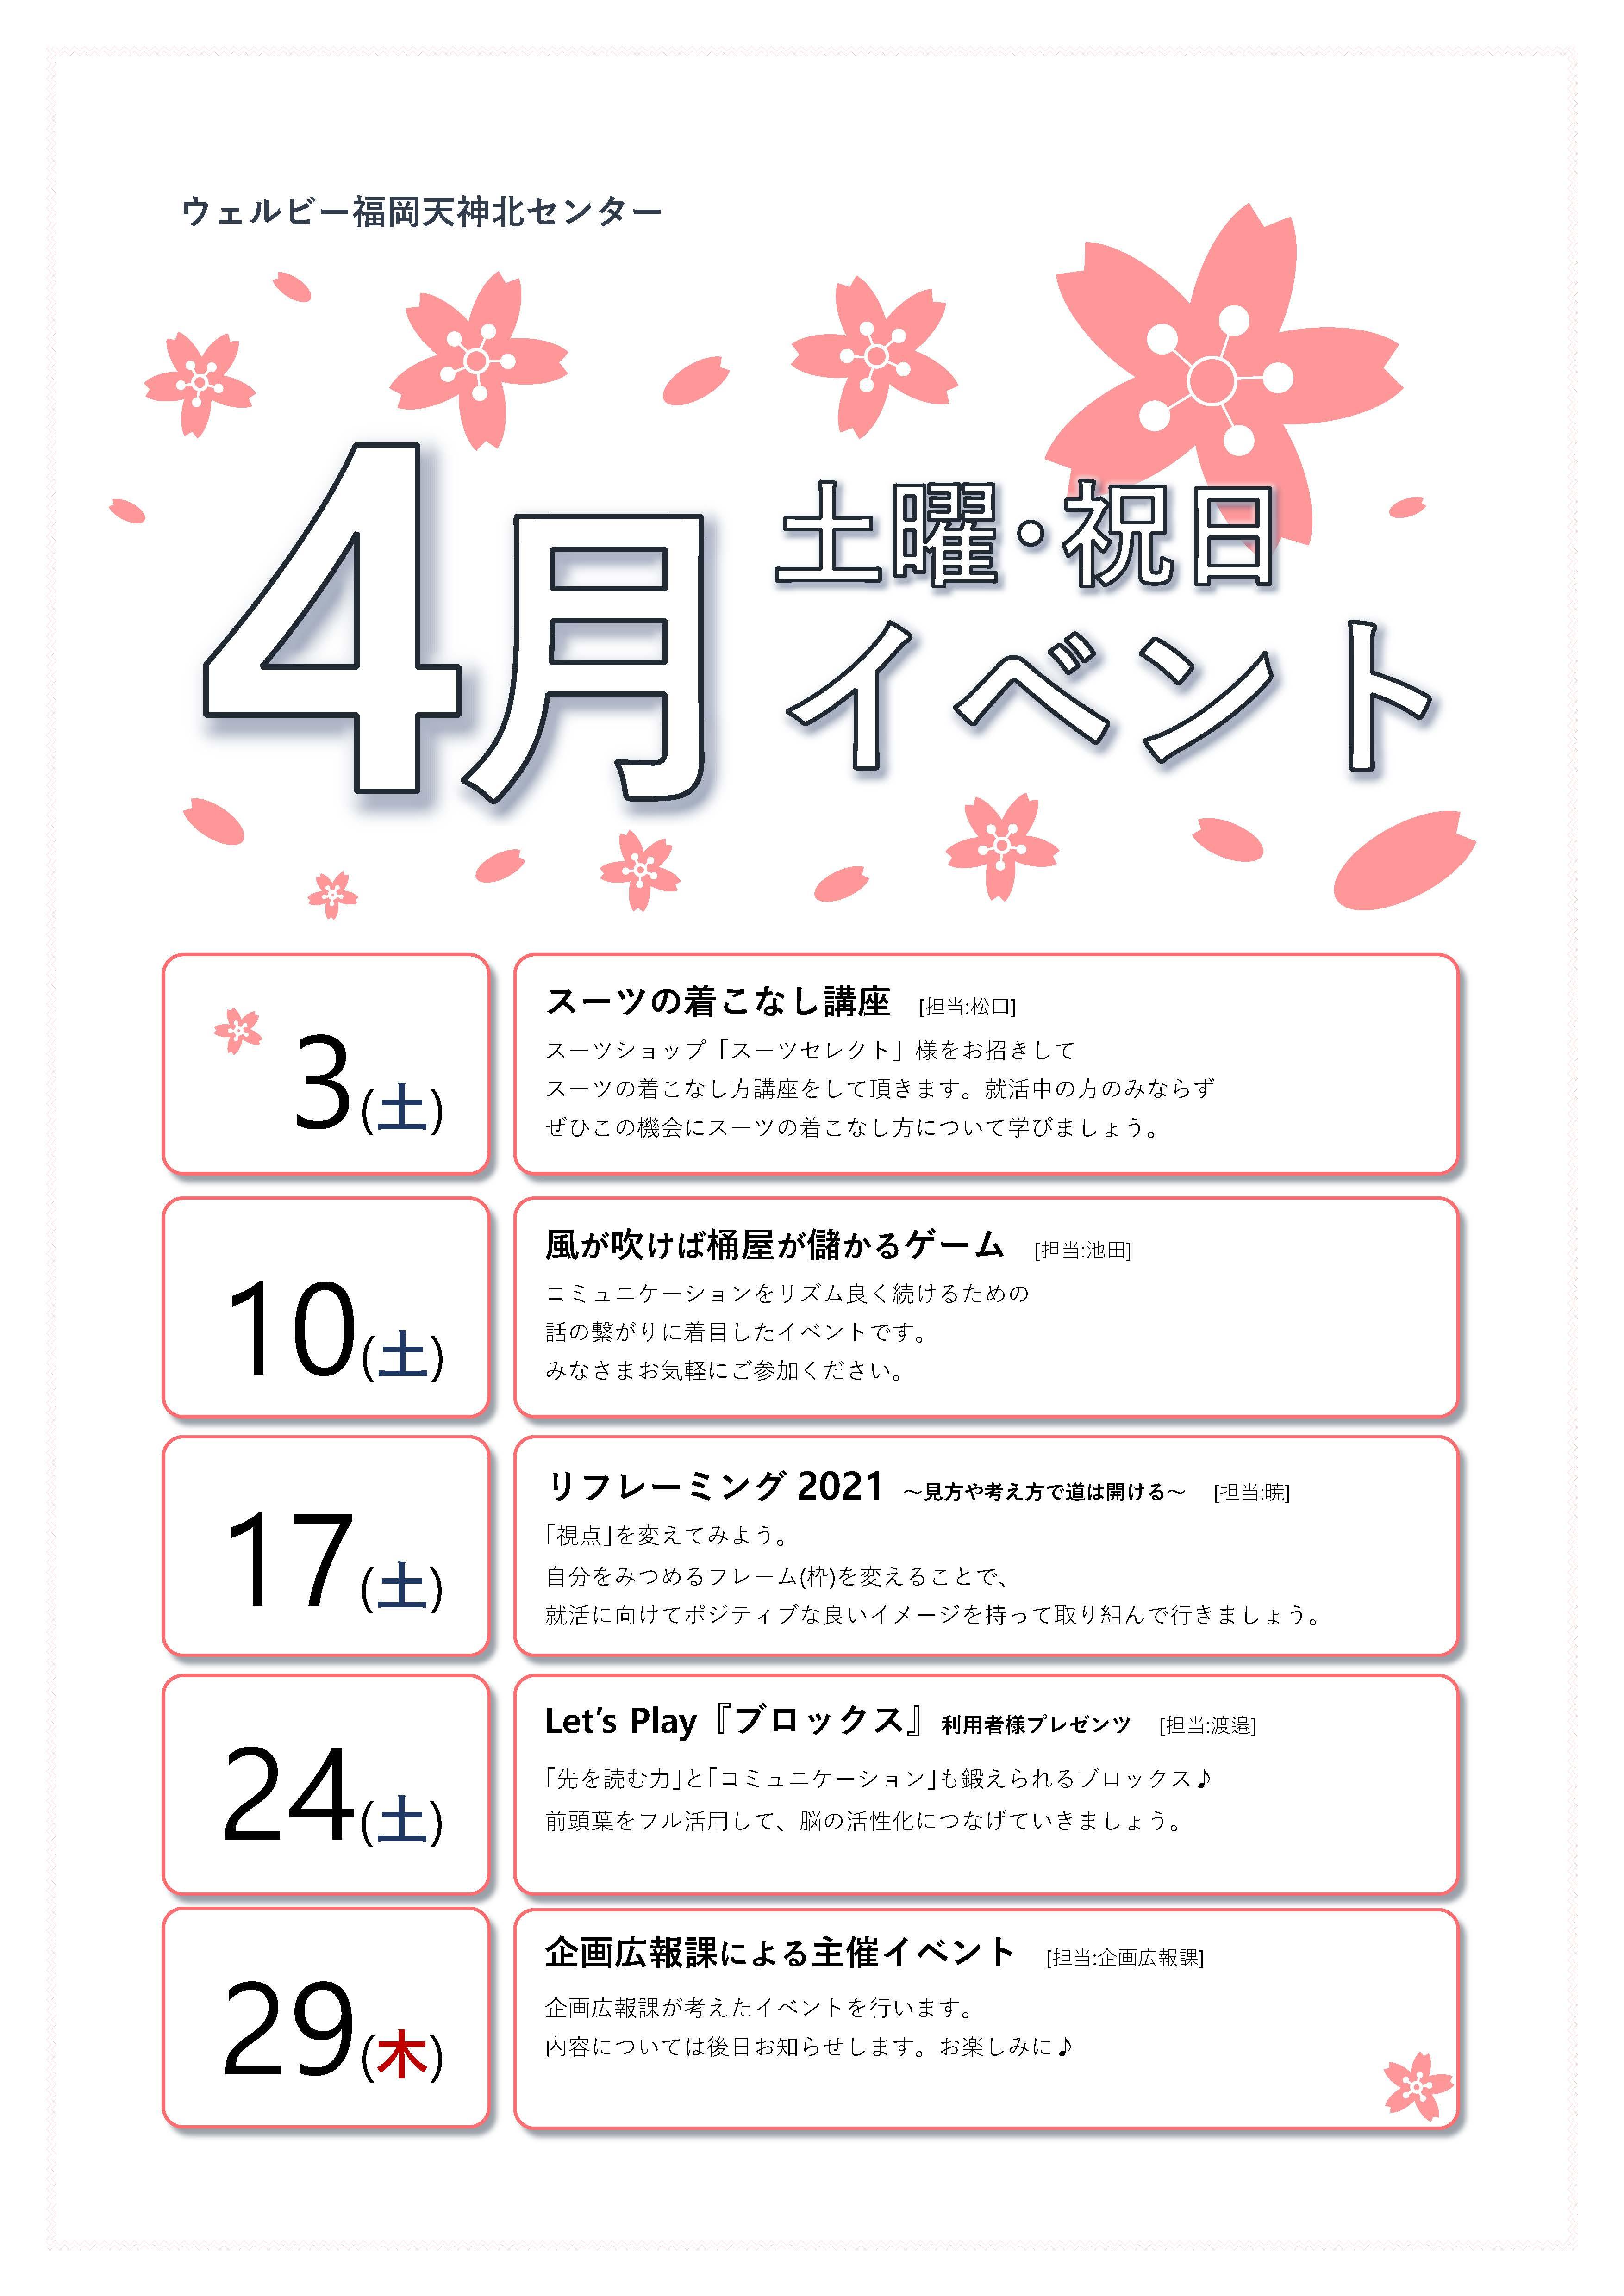 福岡天神北センター4月イベントチラシ (1)